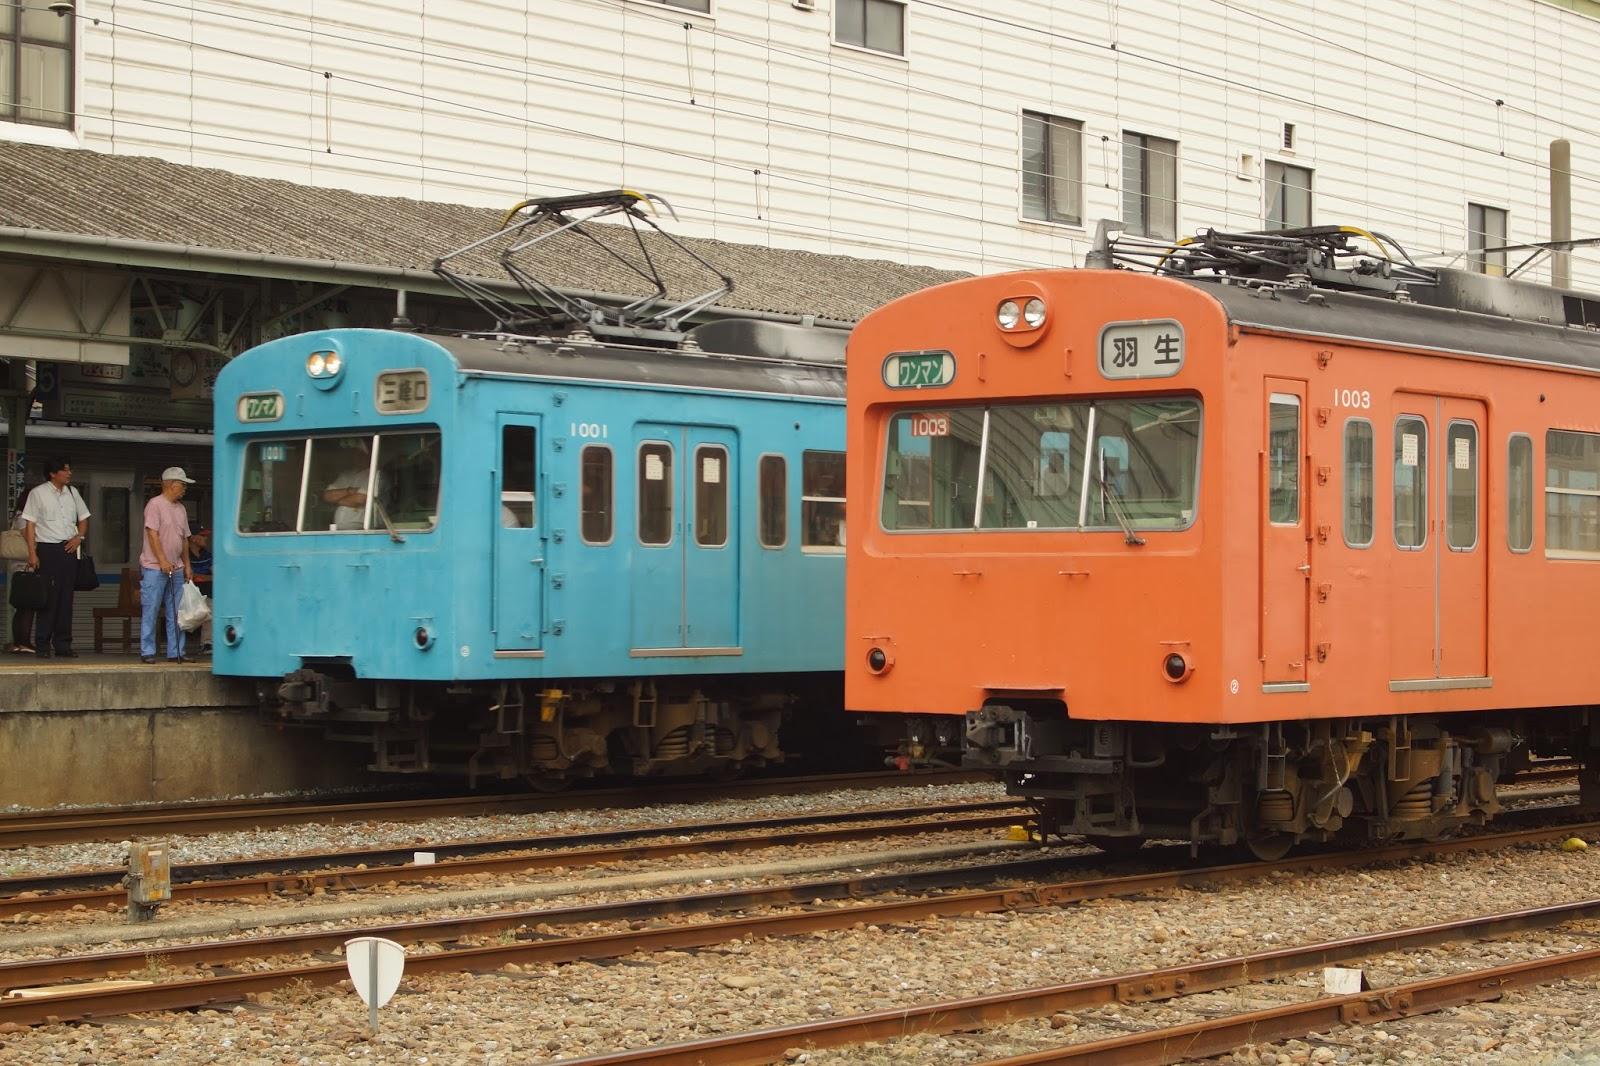 専修大学鉄道研究会ブログ: 2014...